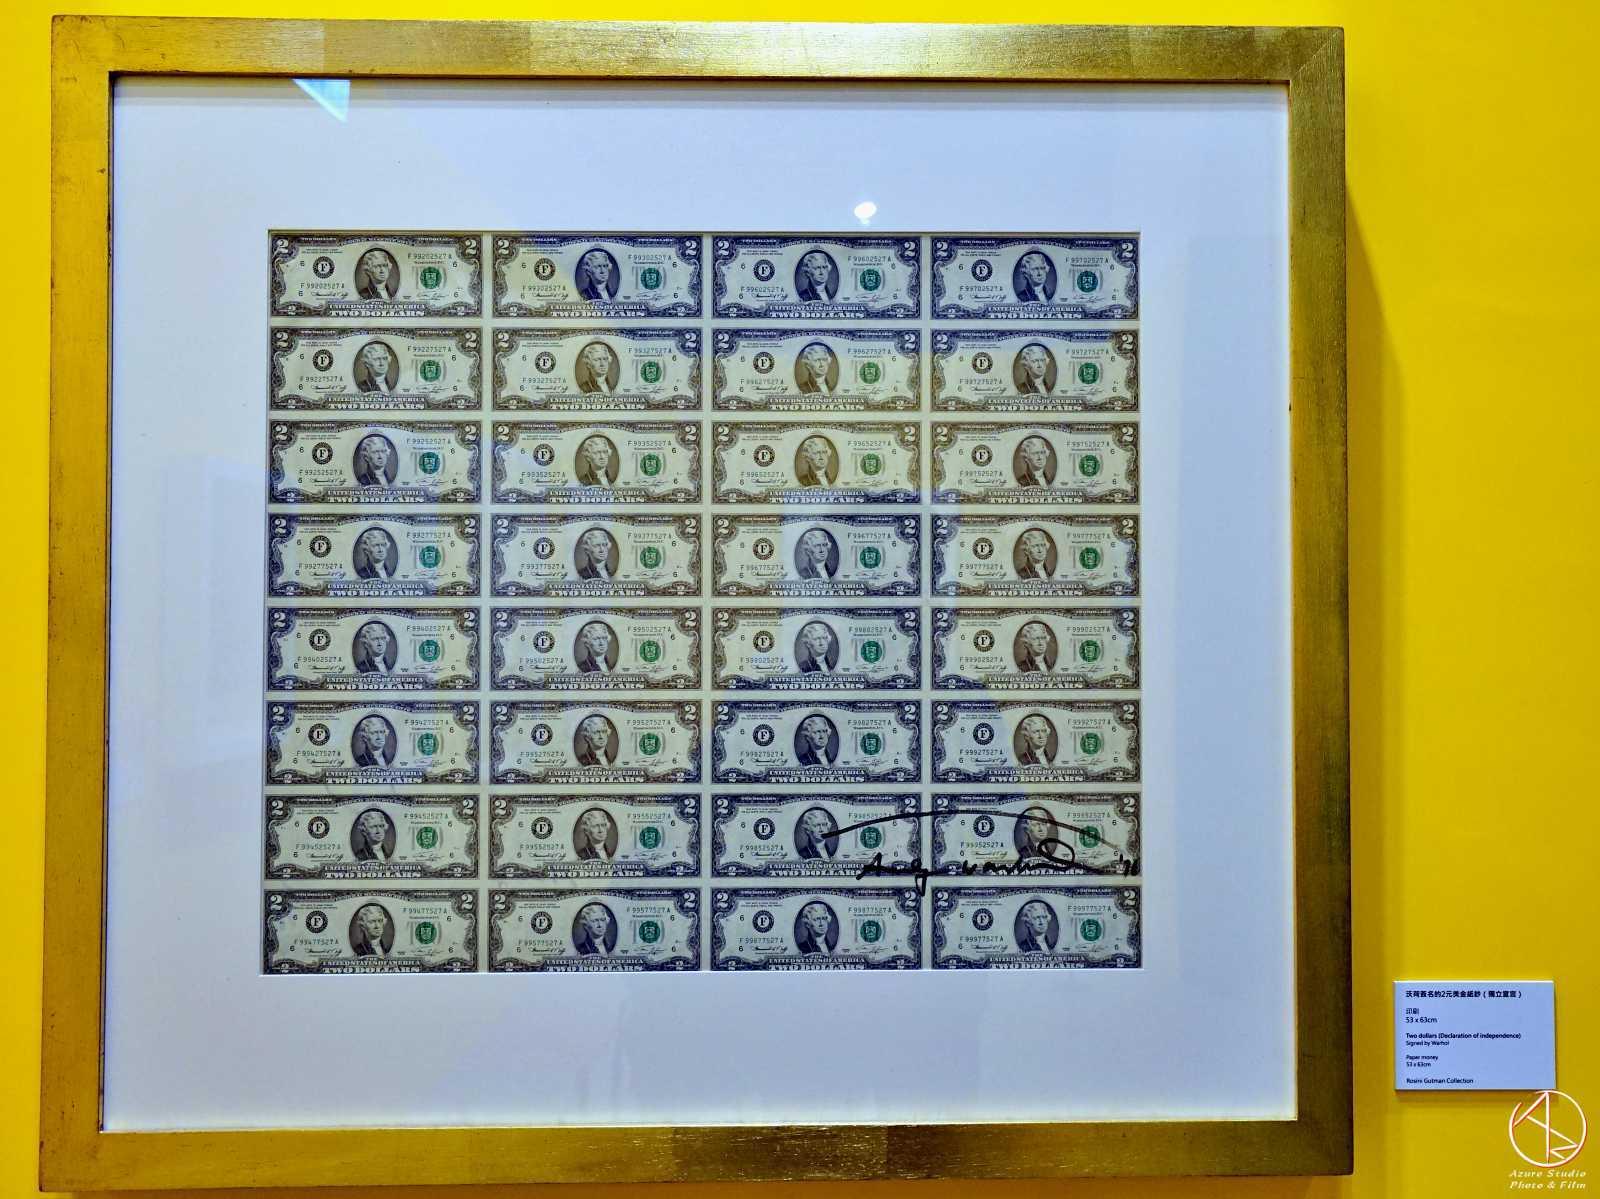 安迪沃荷普普狂想特展,看展心得,必看重點,經典作品二元美元紙鈔-獨立宣言